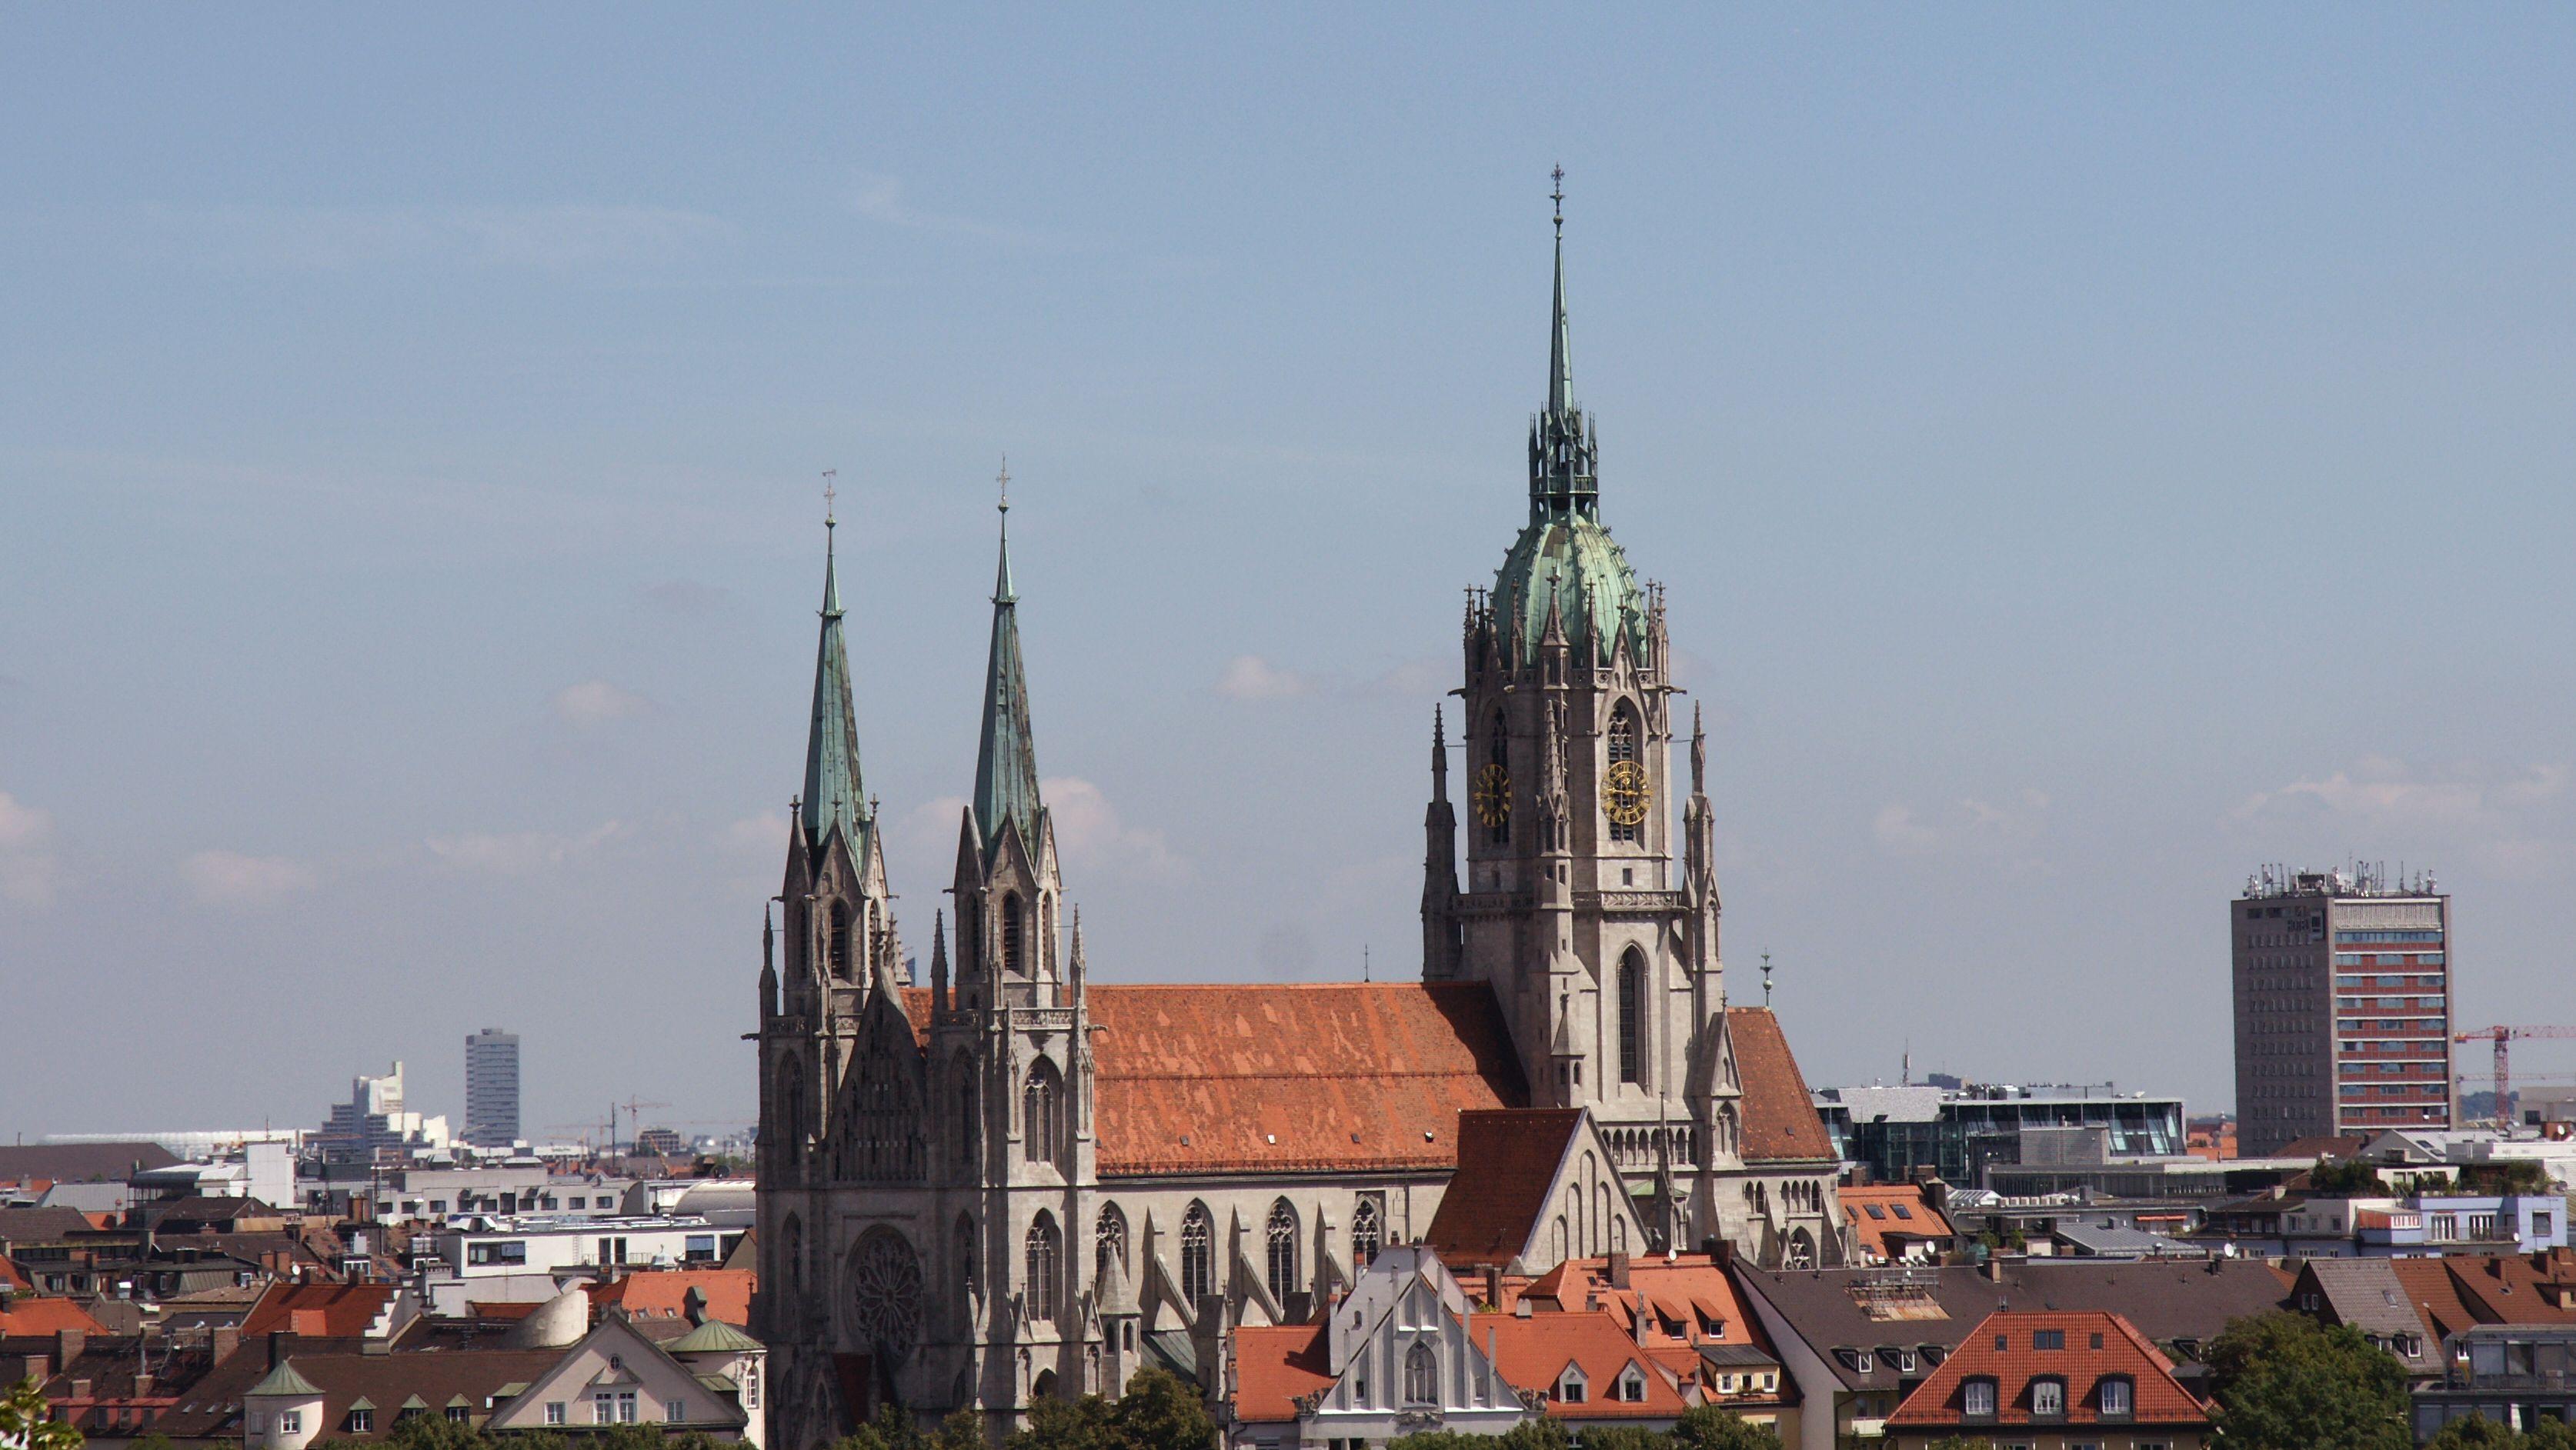 Pfarrkirche St. Paul in München